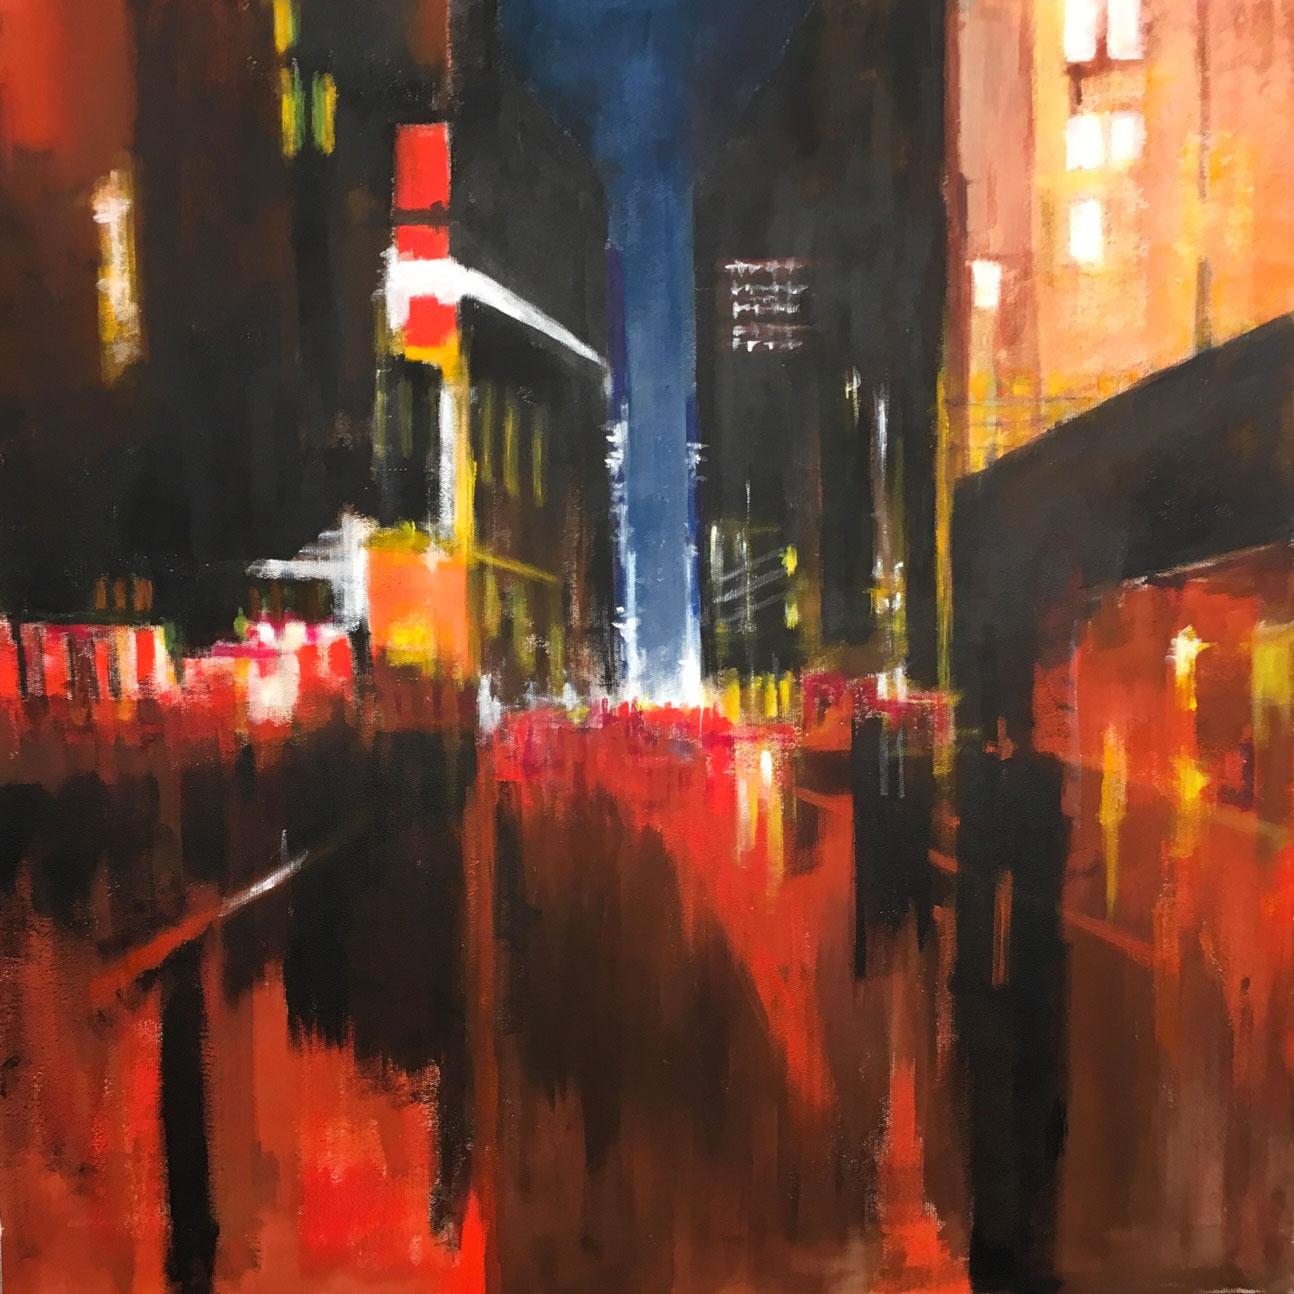 N°3427 - Acrylique et pigments - 90 x 90 cm - 15 septembre 2017